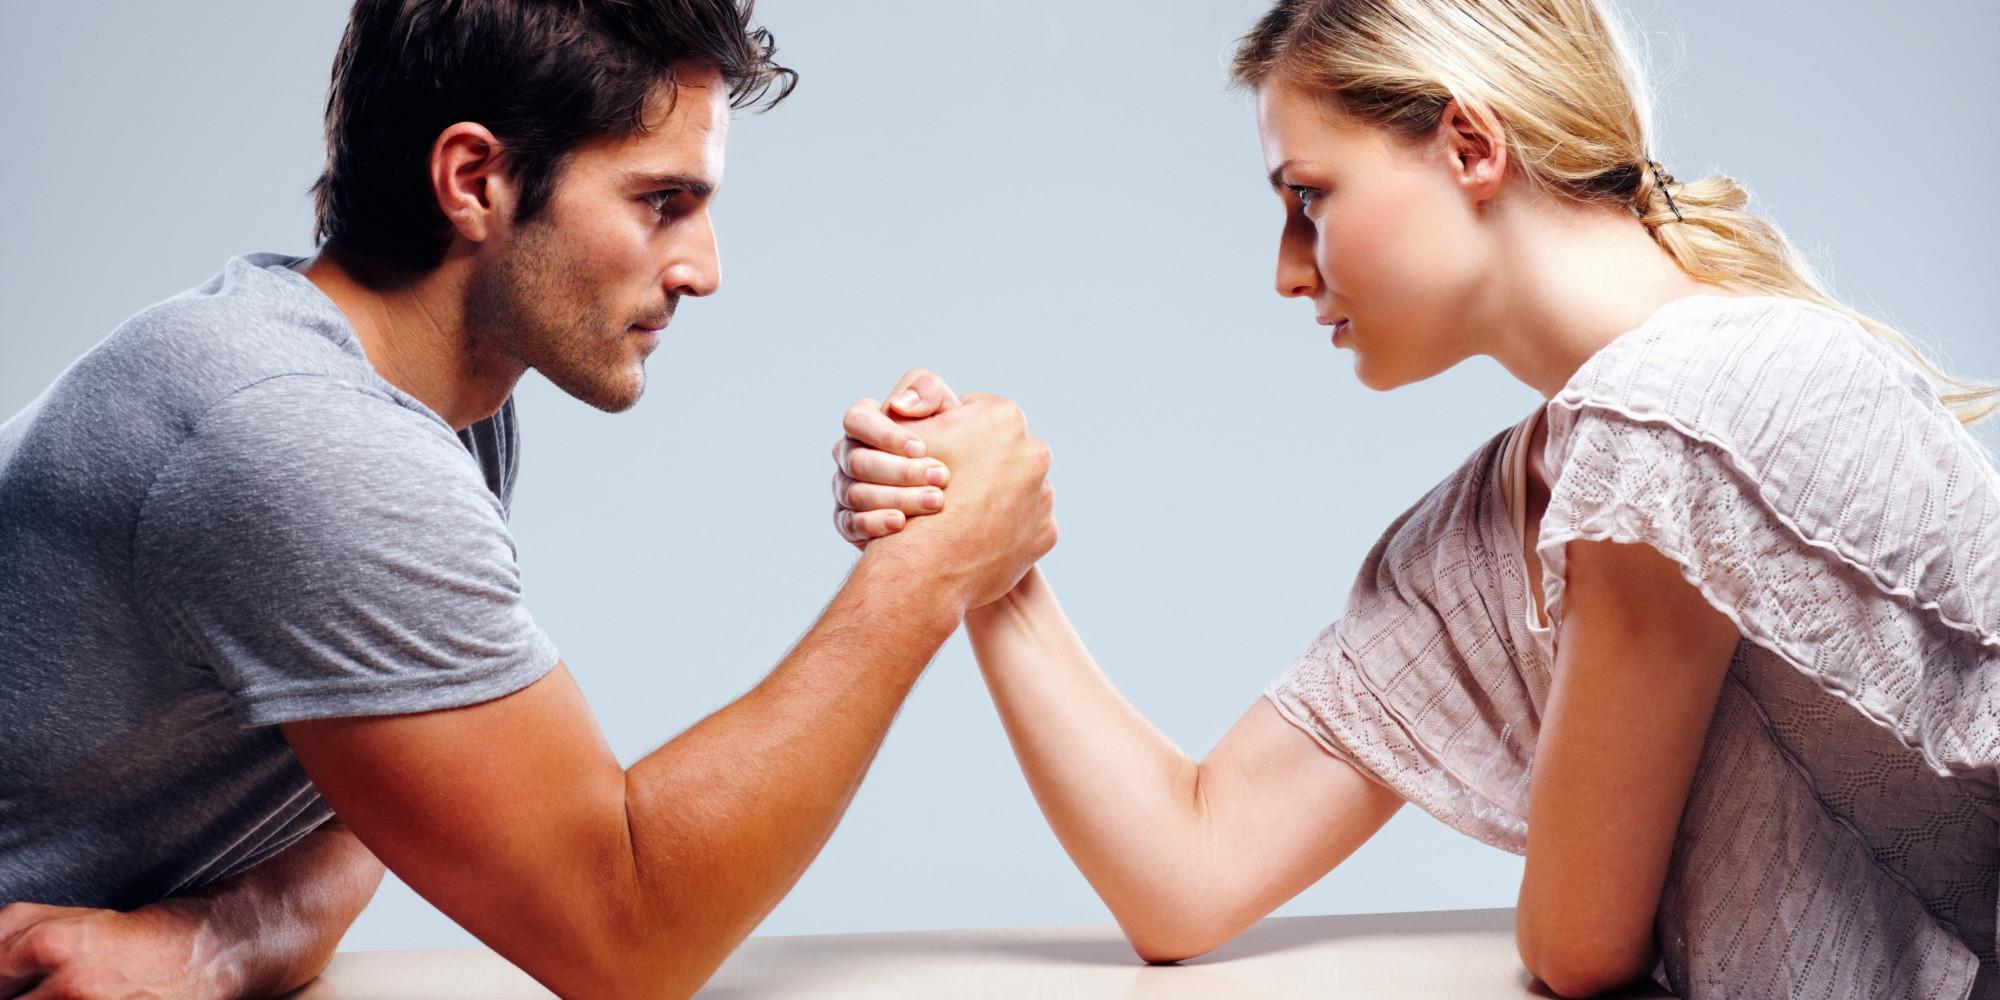 tough guy vs gentle woman perception